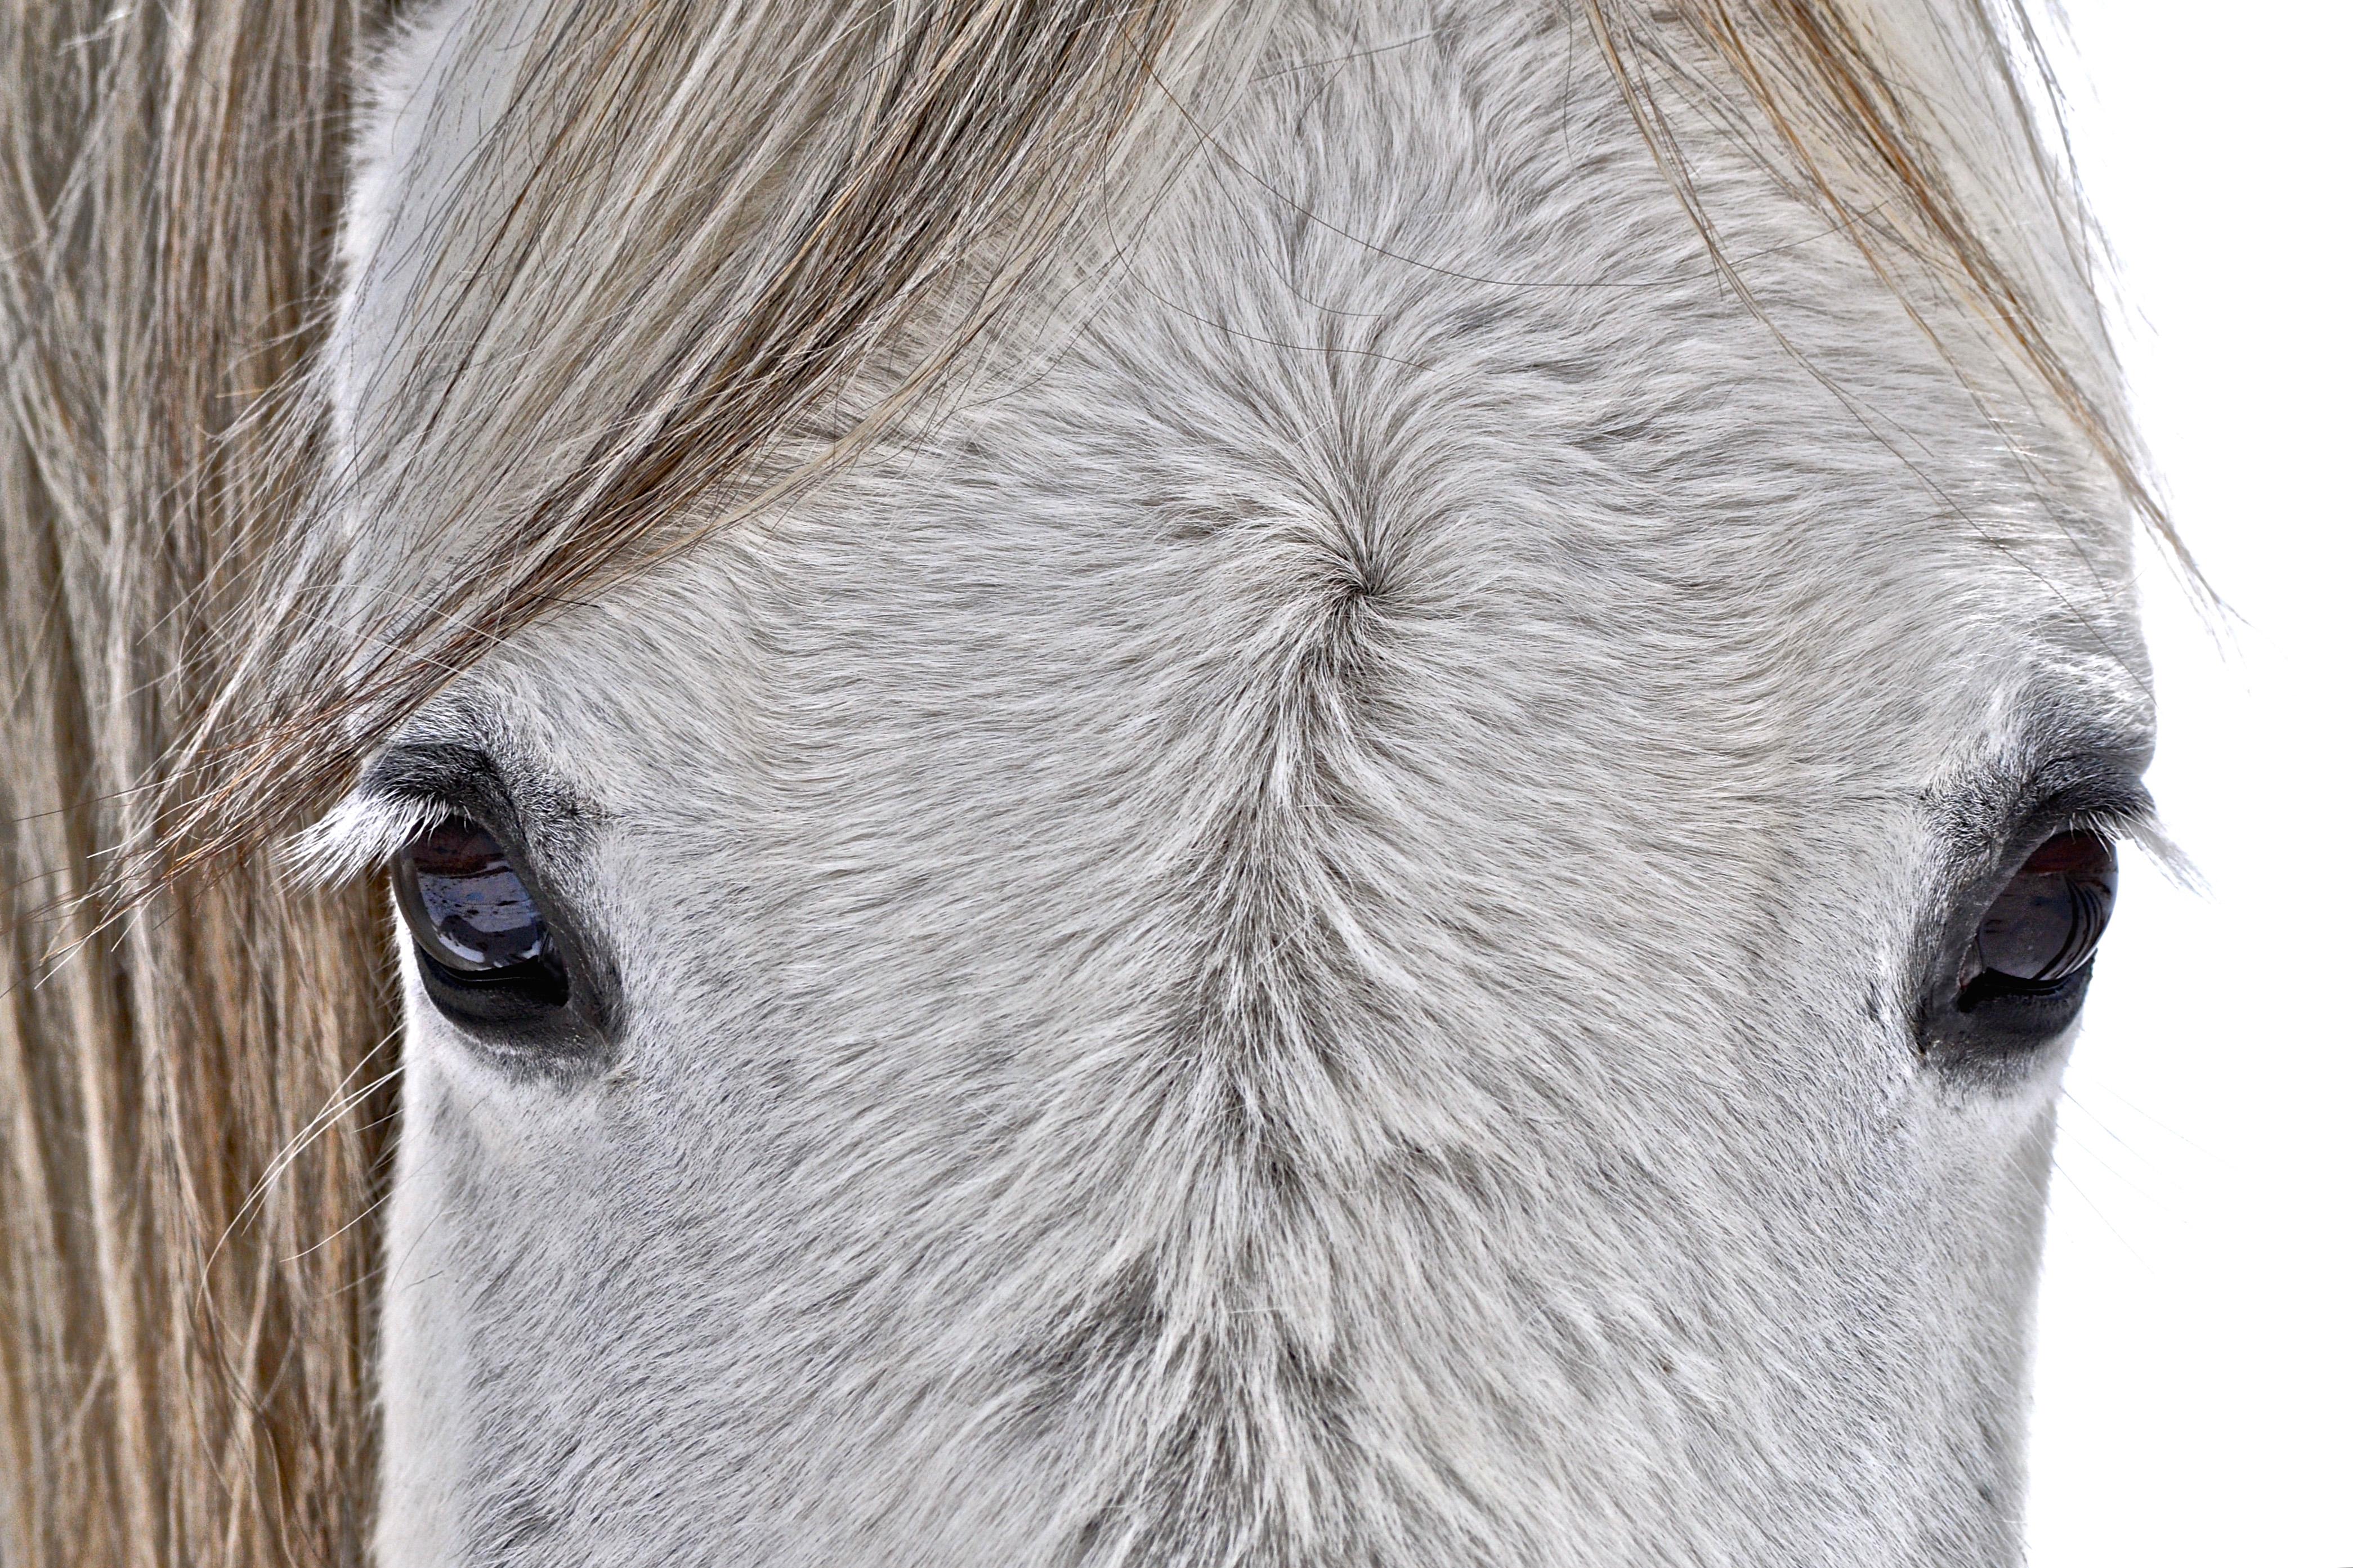 BLM White Horse